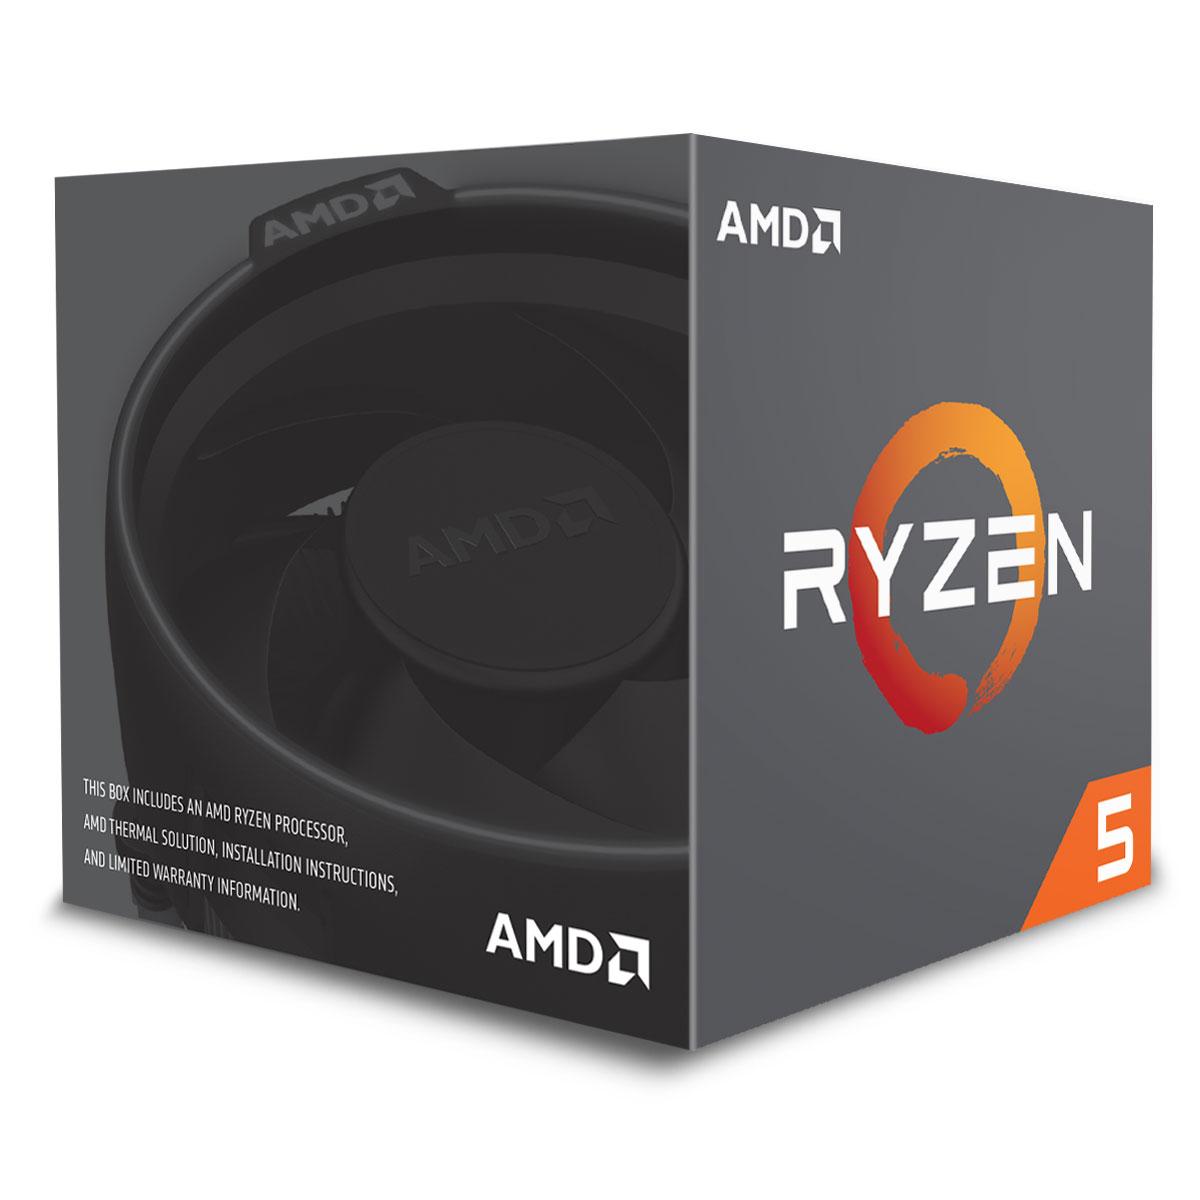 (148,75€ avec le code FOU) Processeur AMD Ryzen 5 2600 Wraith Stealth Edition - 3.4 GHz